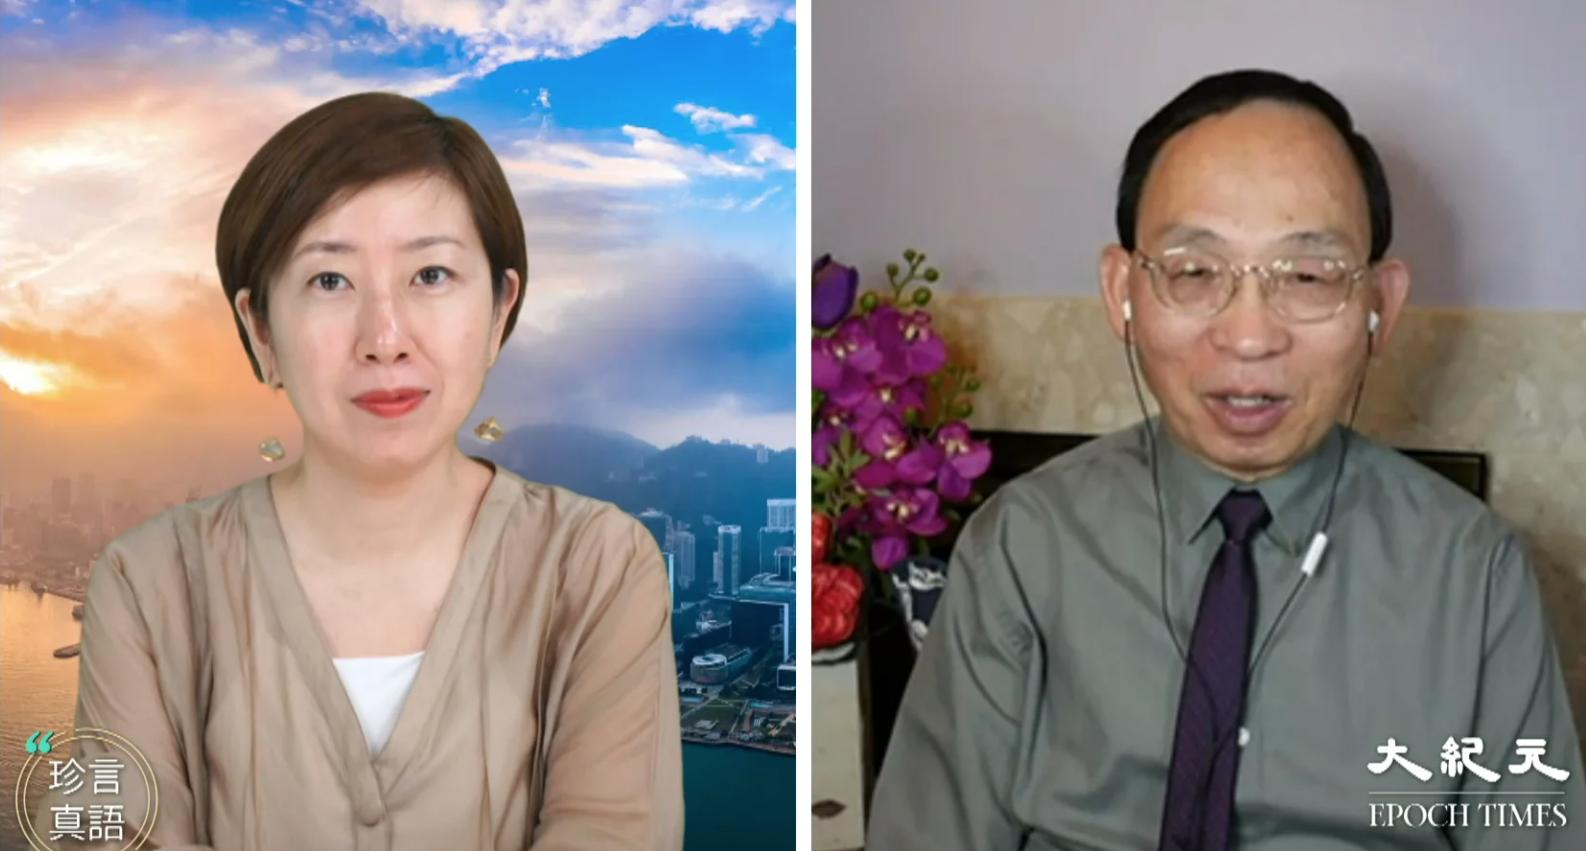 何良懋接受大紀元《珍言真語》節目採訪時表示,「鬥」是共產黨的典型做法,中共打算要鬥垮香港傳統秩序。(珍言真語提供)